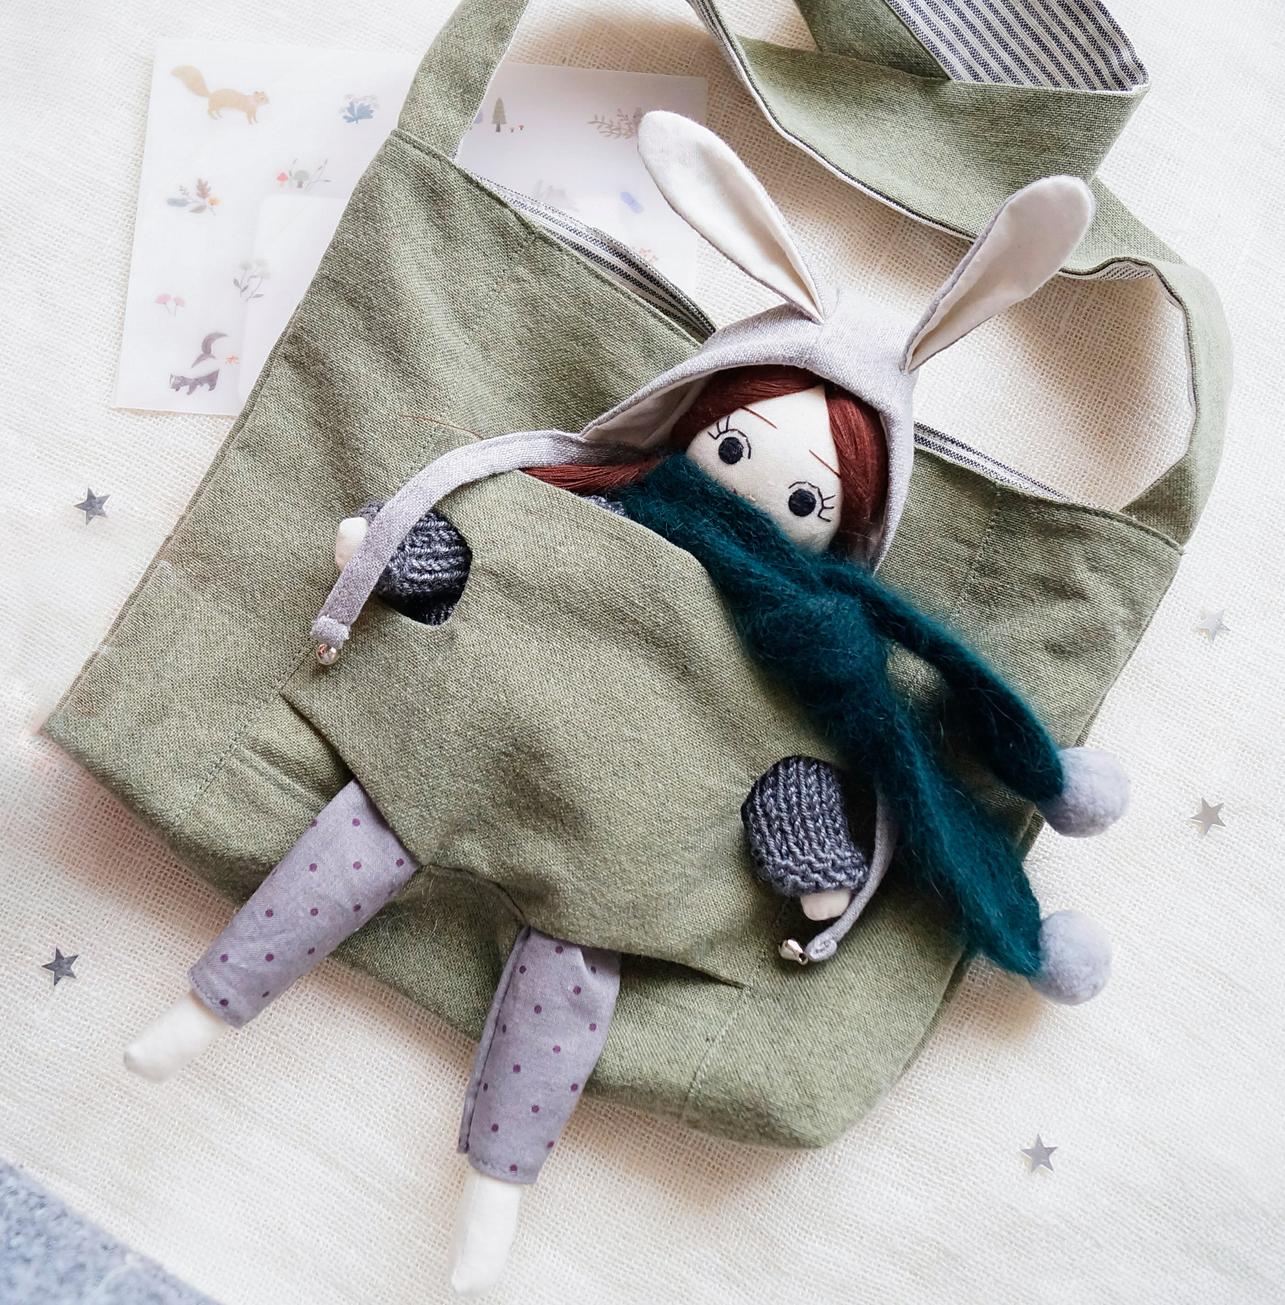 Кукла и сумка для переноски, хлопок,  наполнитель холлофайбер,  акриловая пряжа, лен, рост куклы 25 см